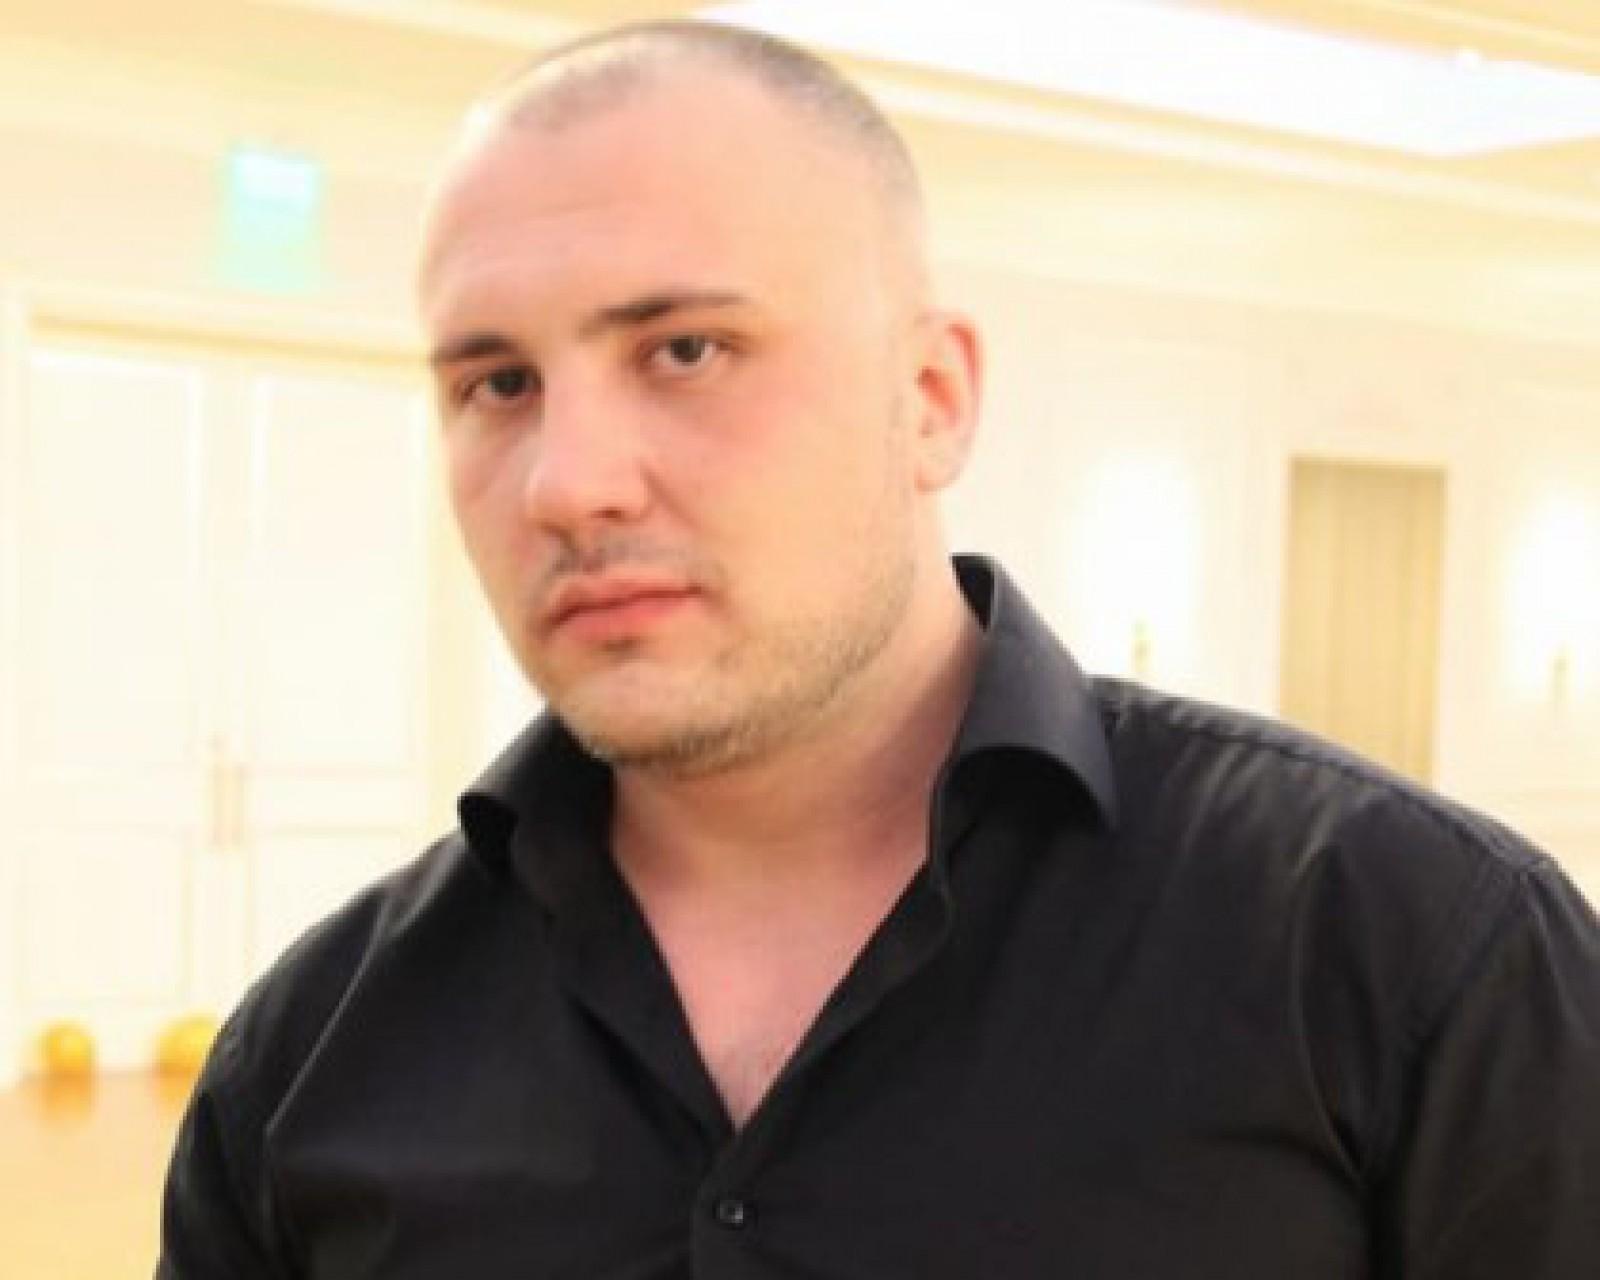 Rise Moldova: Socialistul din Virgine. Un consilier din PSRM deține o firmă înregistrată în Insulele Virgine Britanice